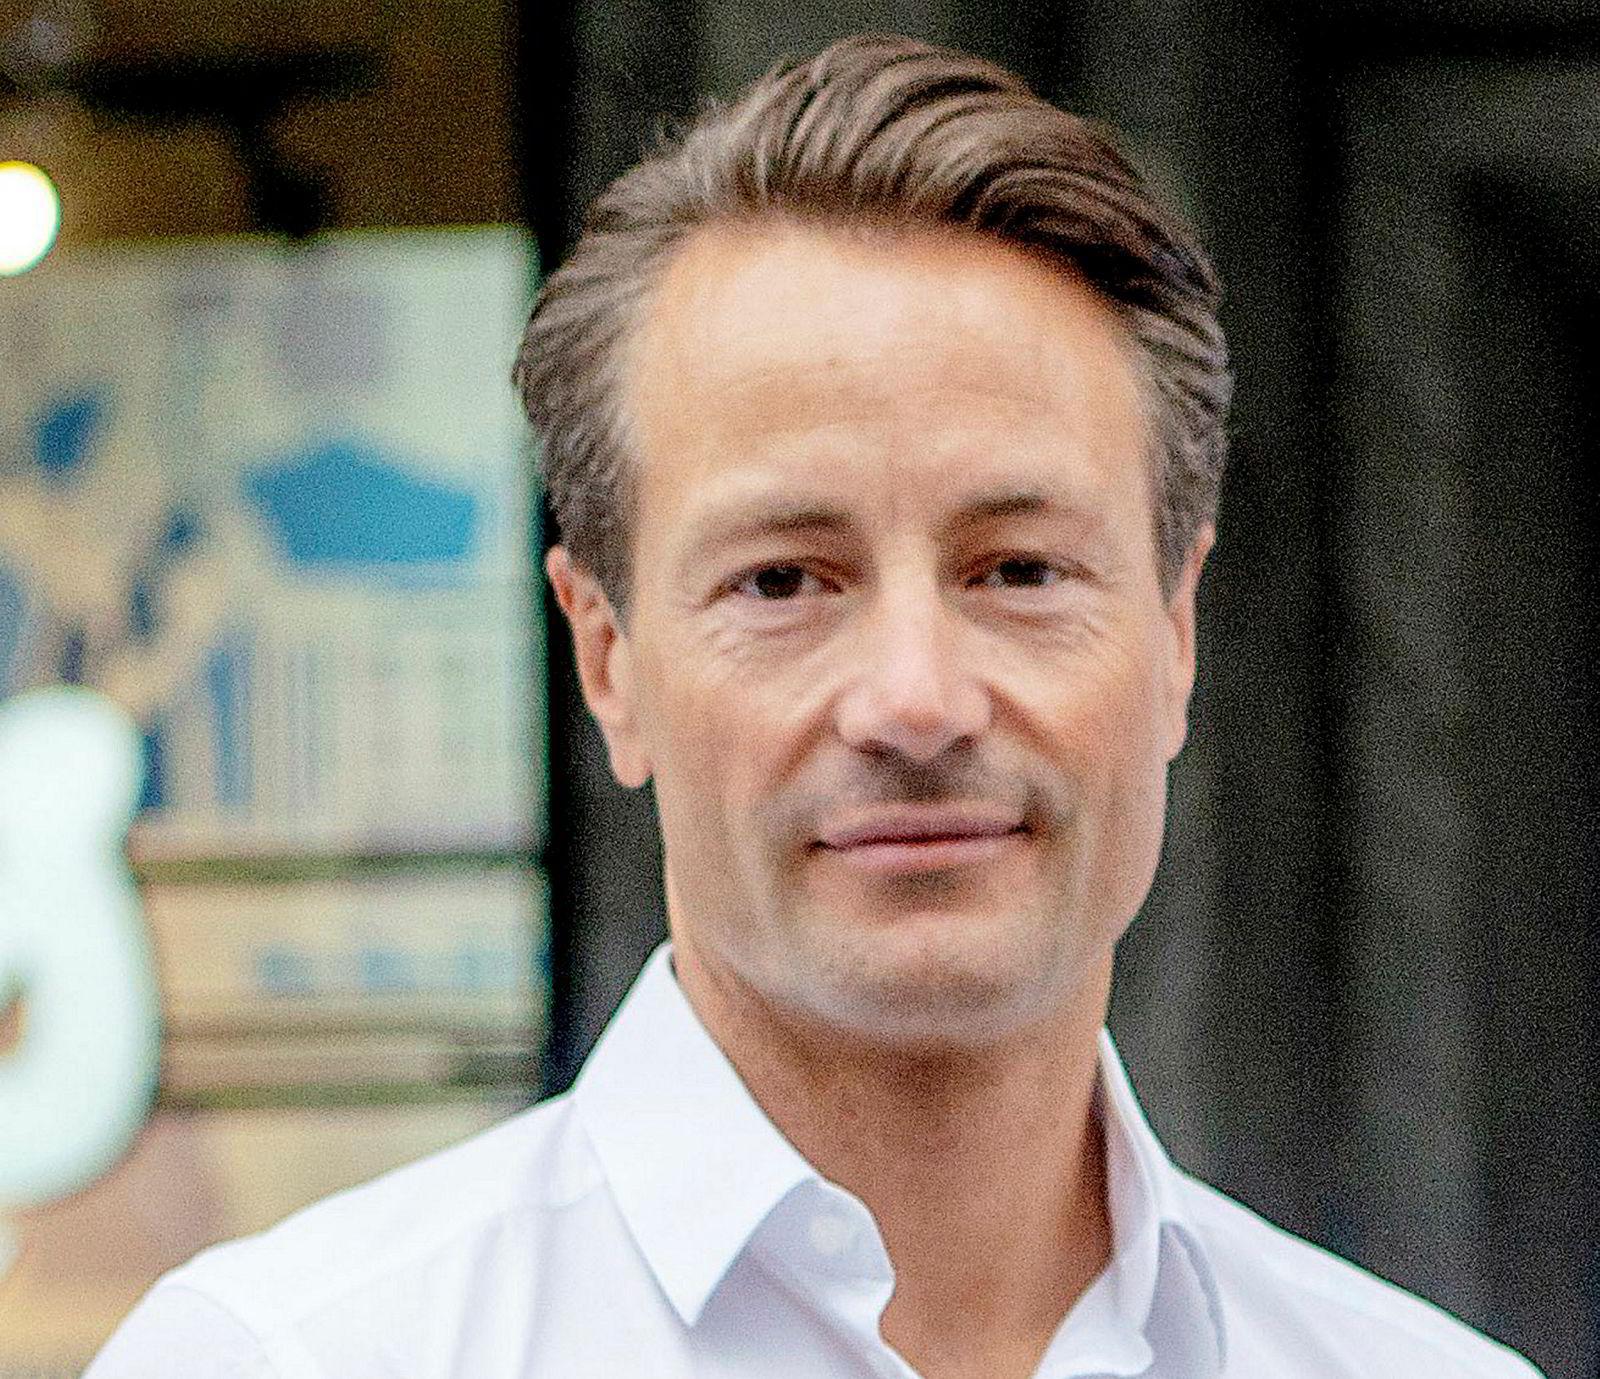 Eiendomsinvestoren Runar Vatne doblet formuen sin til 39,2 millioner kroner.